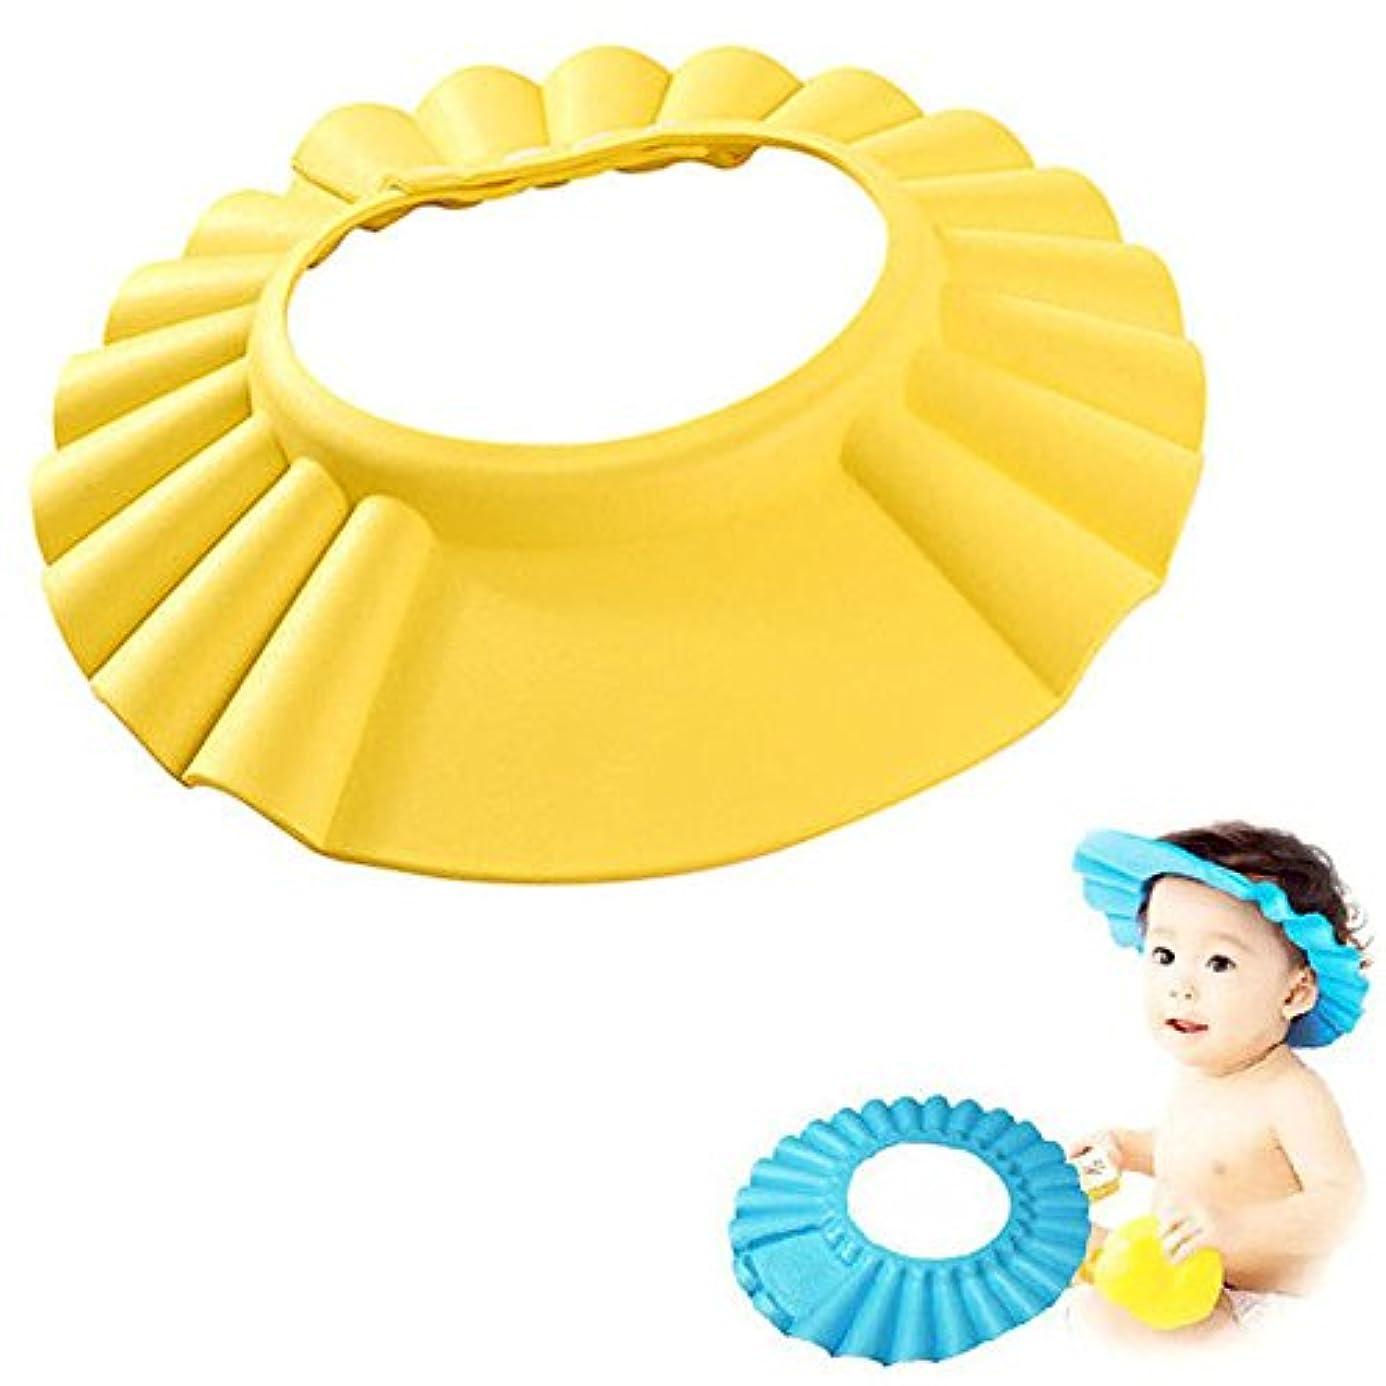 デマンド行政習字シャンプーハット 子供 洗髪用帽子 お風呂 防水帽 水漏れない樹脂 サイズ調節 (イエロー))